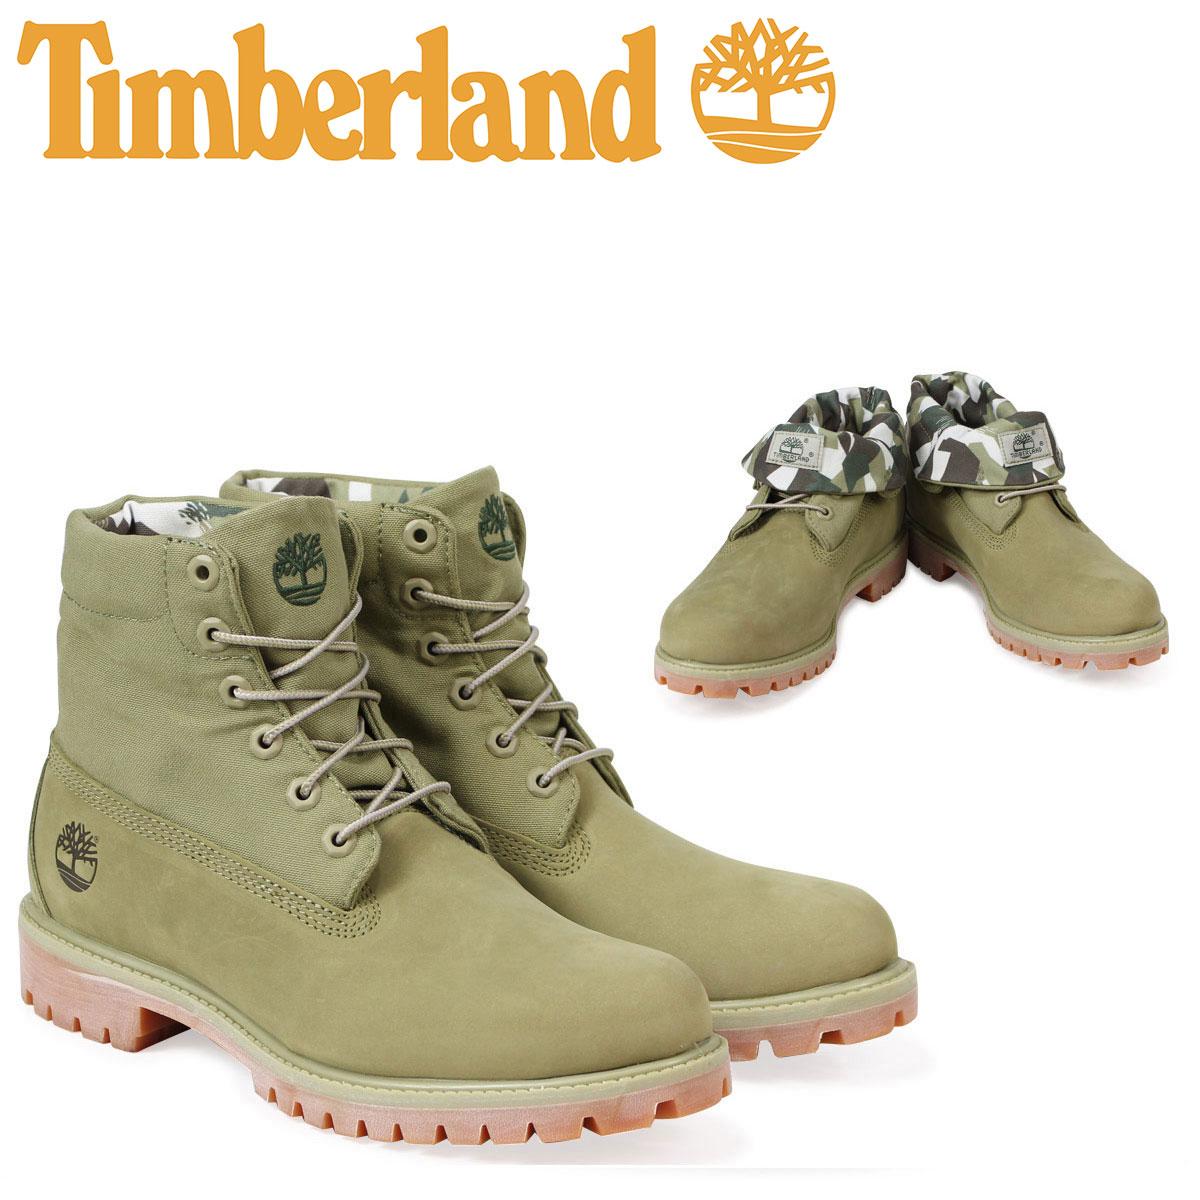 ティンバーランド ロールトップ ブーツ Timberland メンズ ROLL TOP BOOT A1PBI Wワイズ グリーン